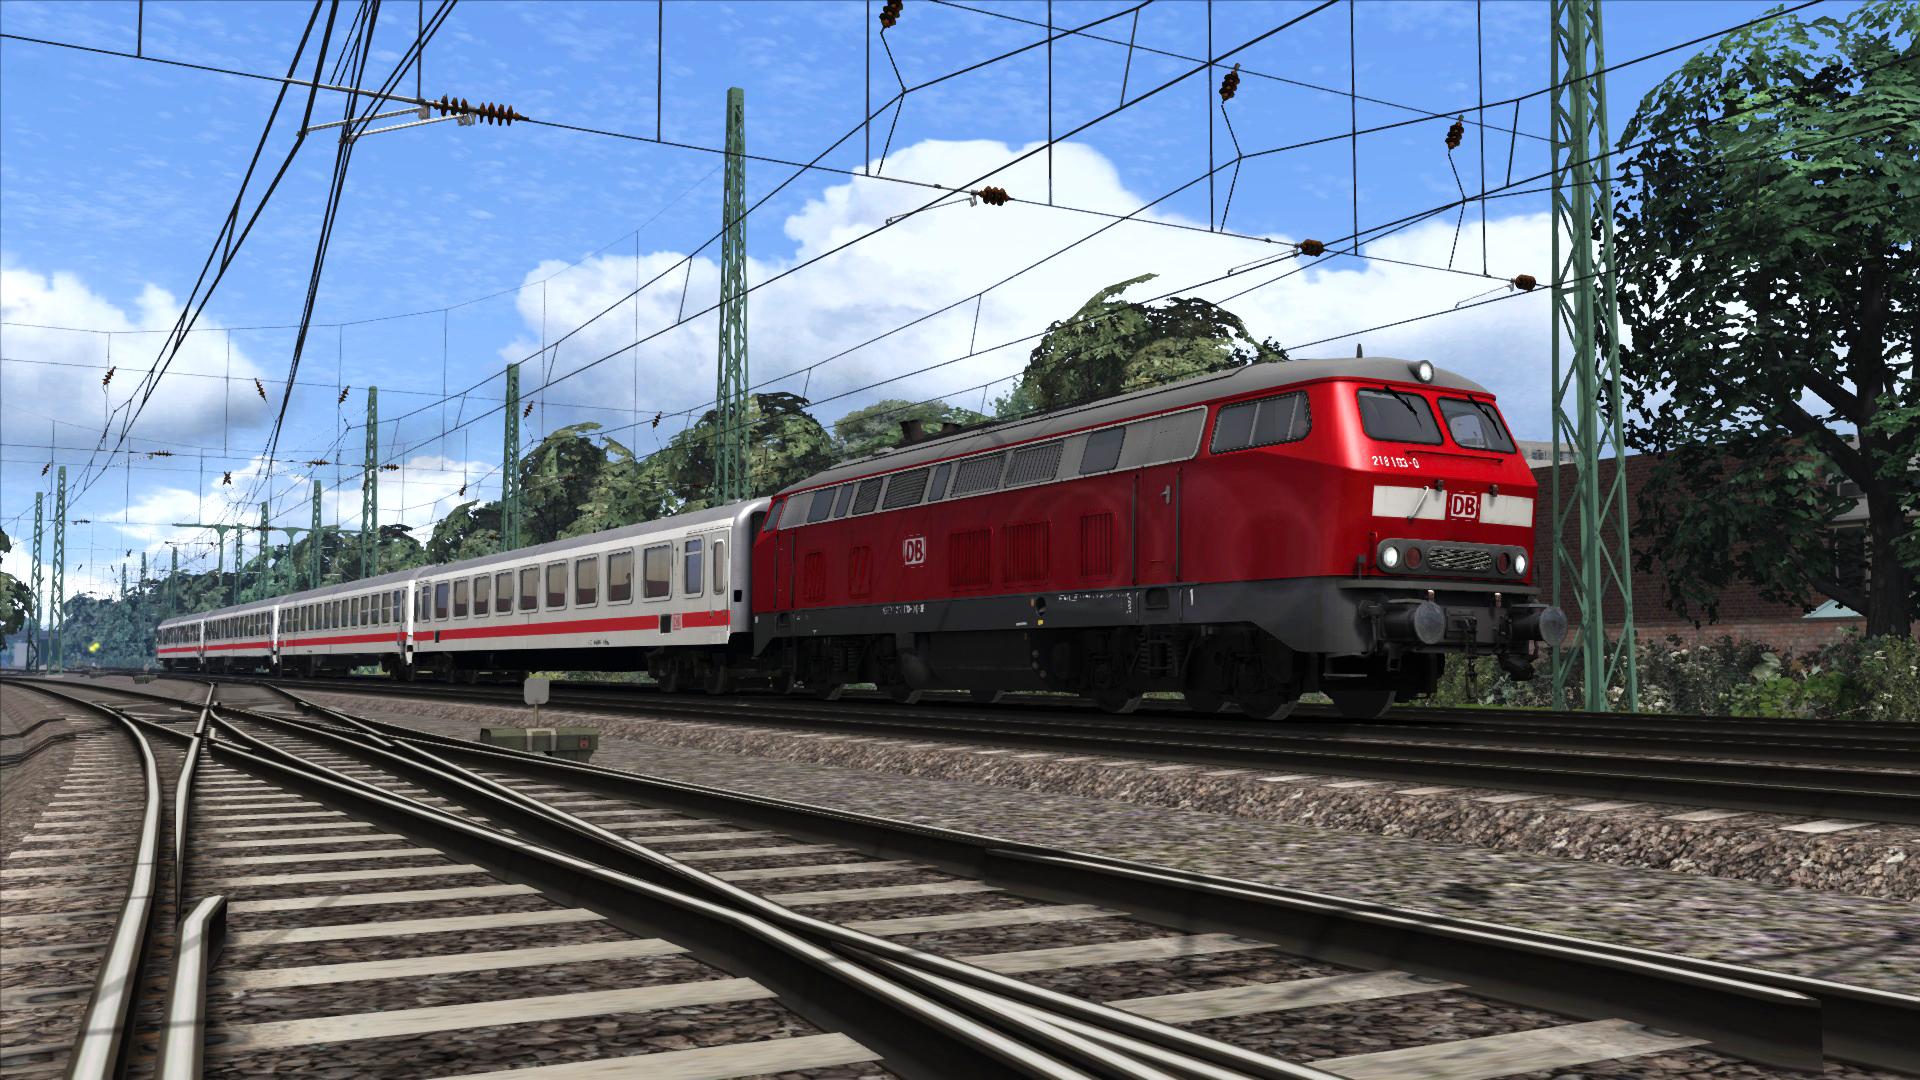 Train Simulator: DB BR 218 Loco Add-On screenshot